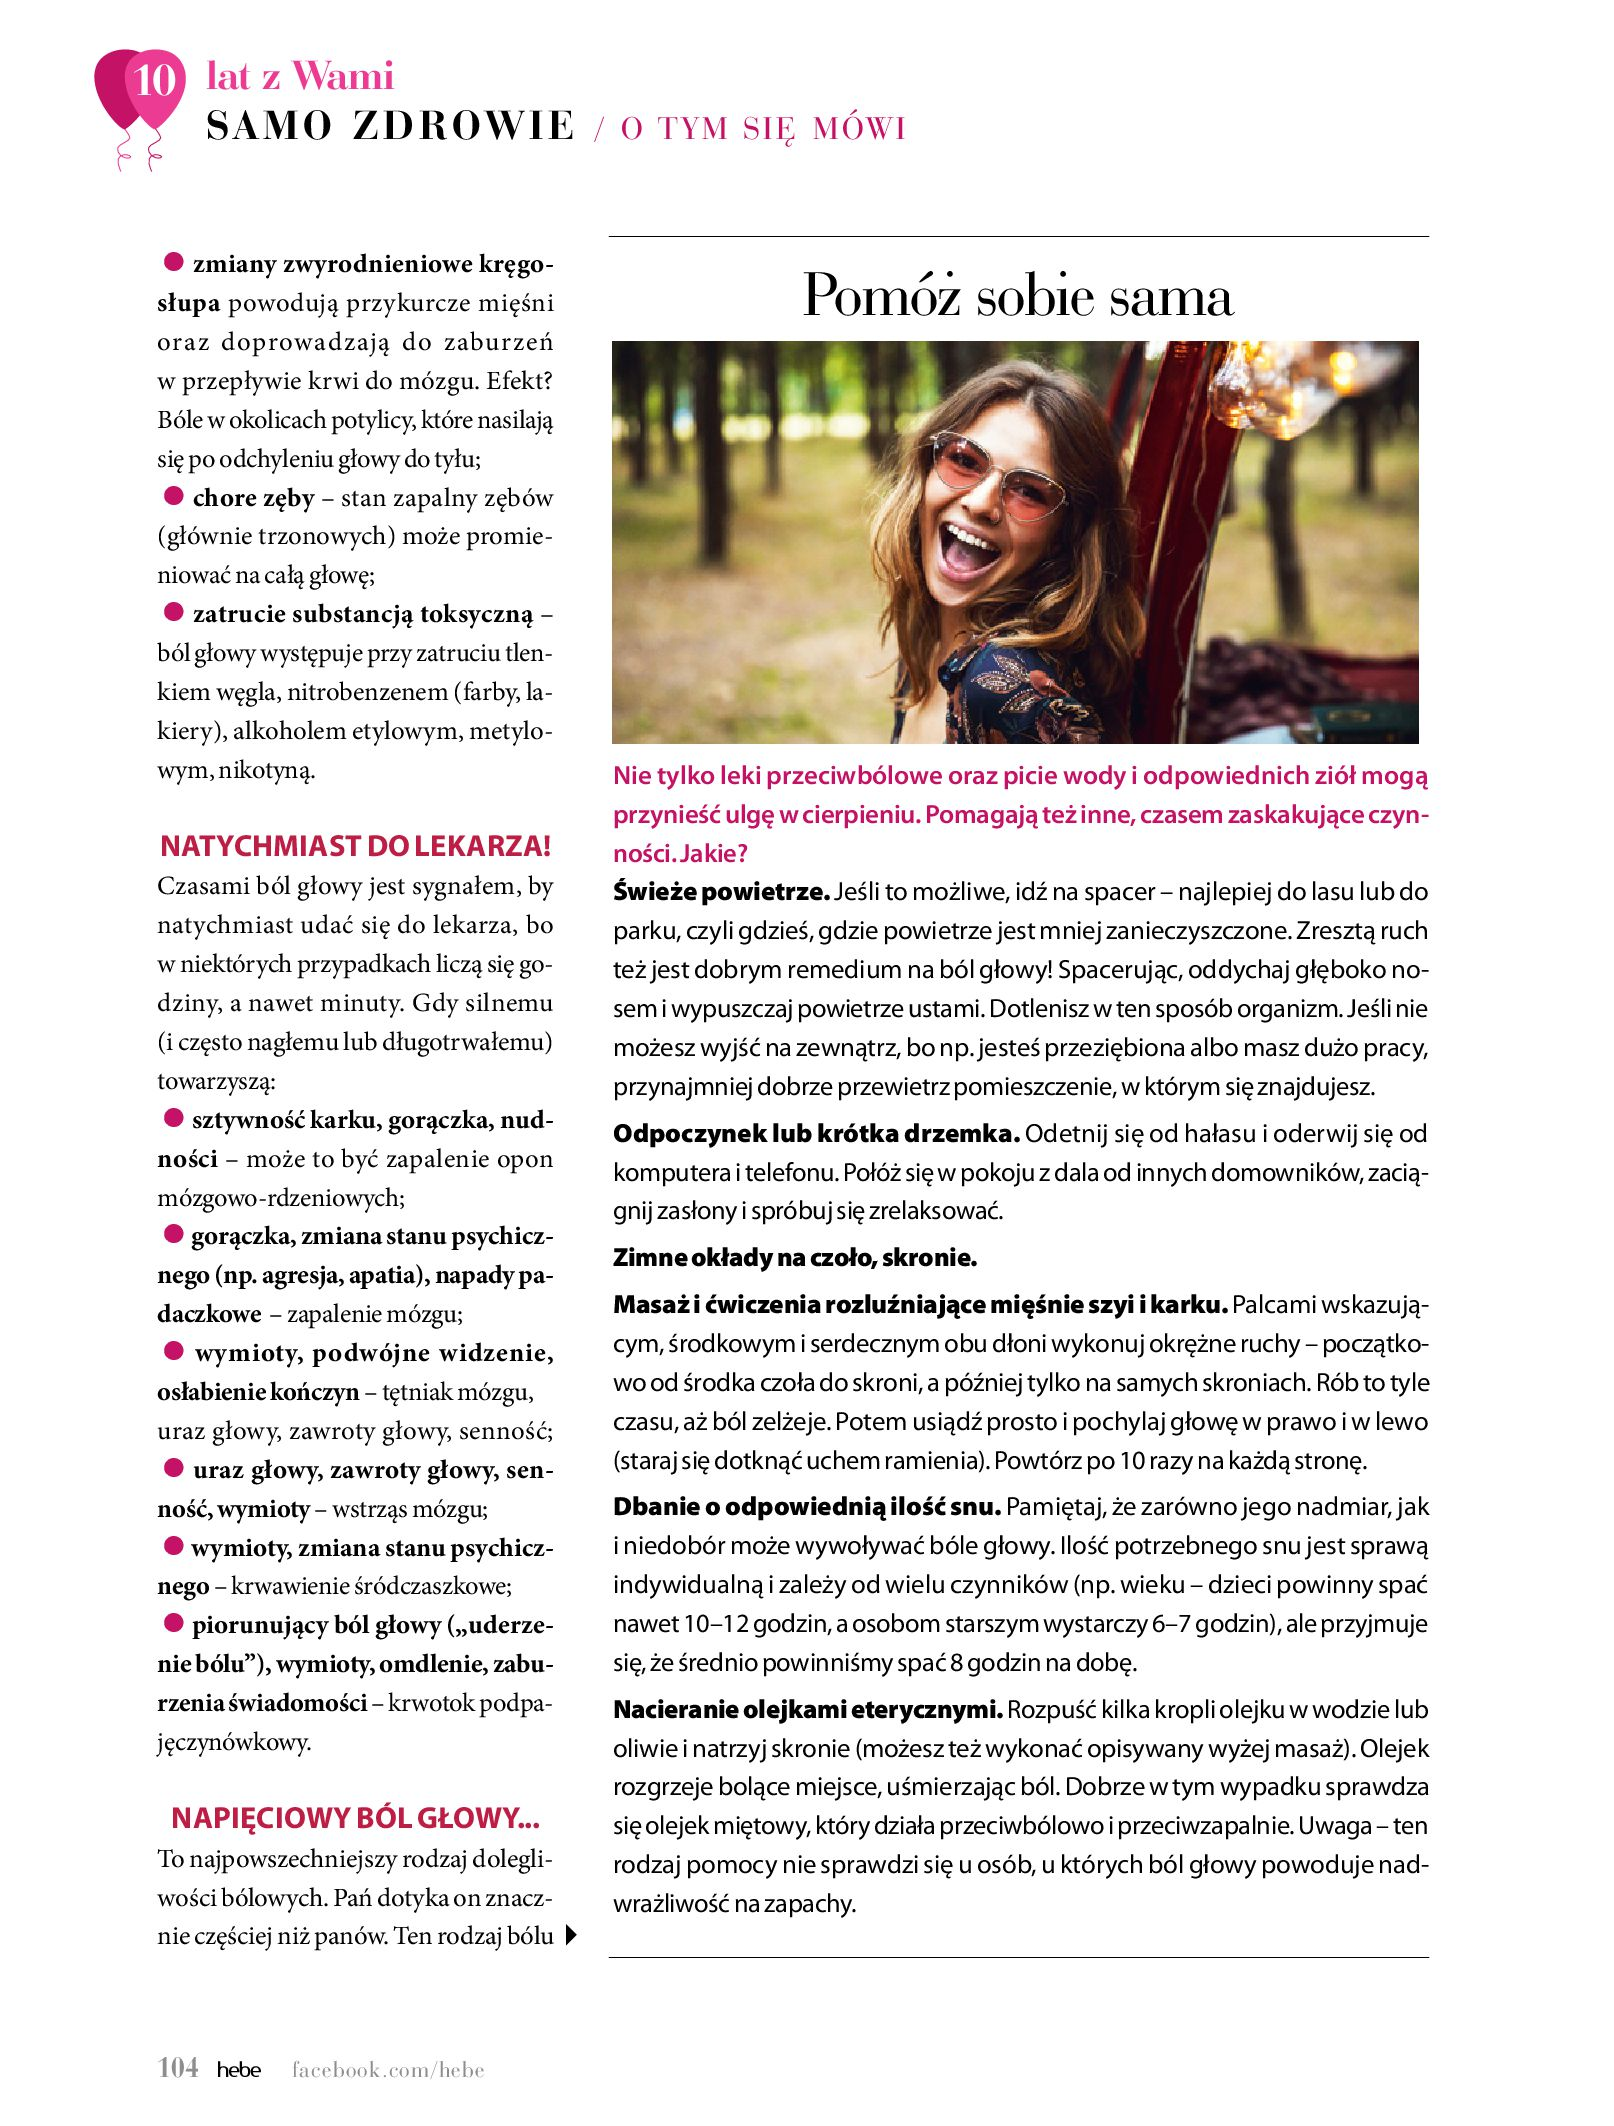 Gazetka hebe: Gazetka Hebe - Magazyn  2021-05-01 page-104